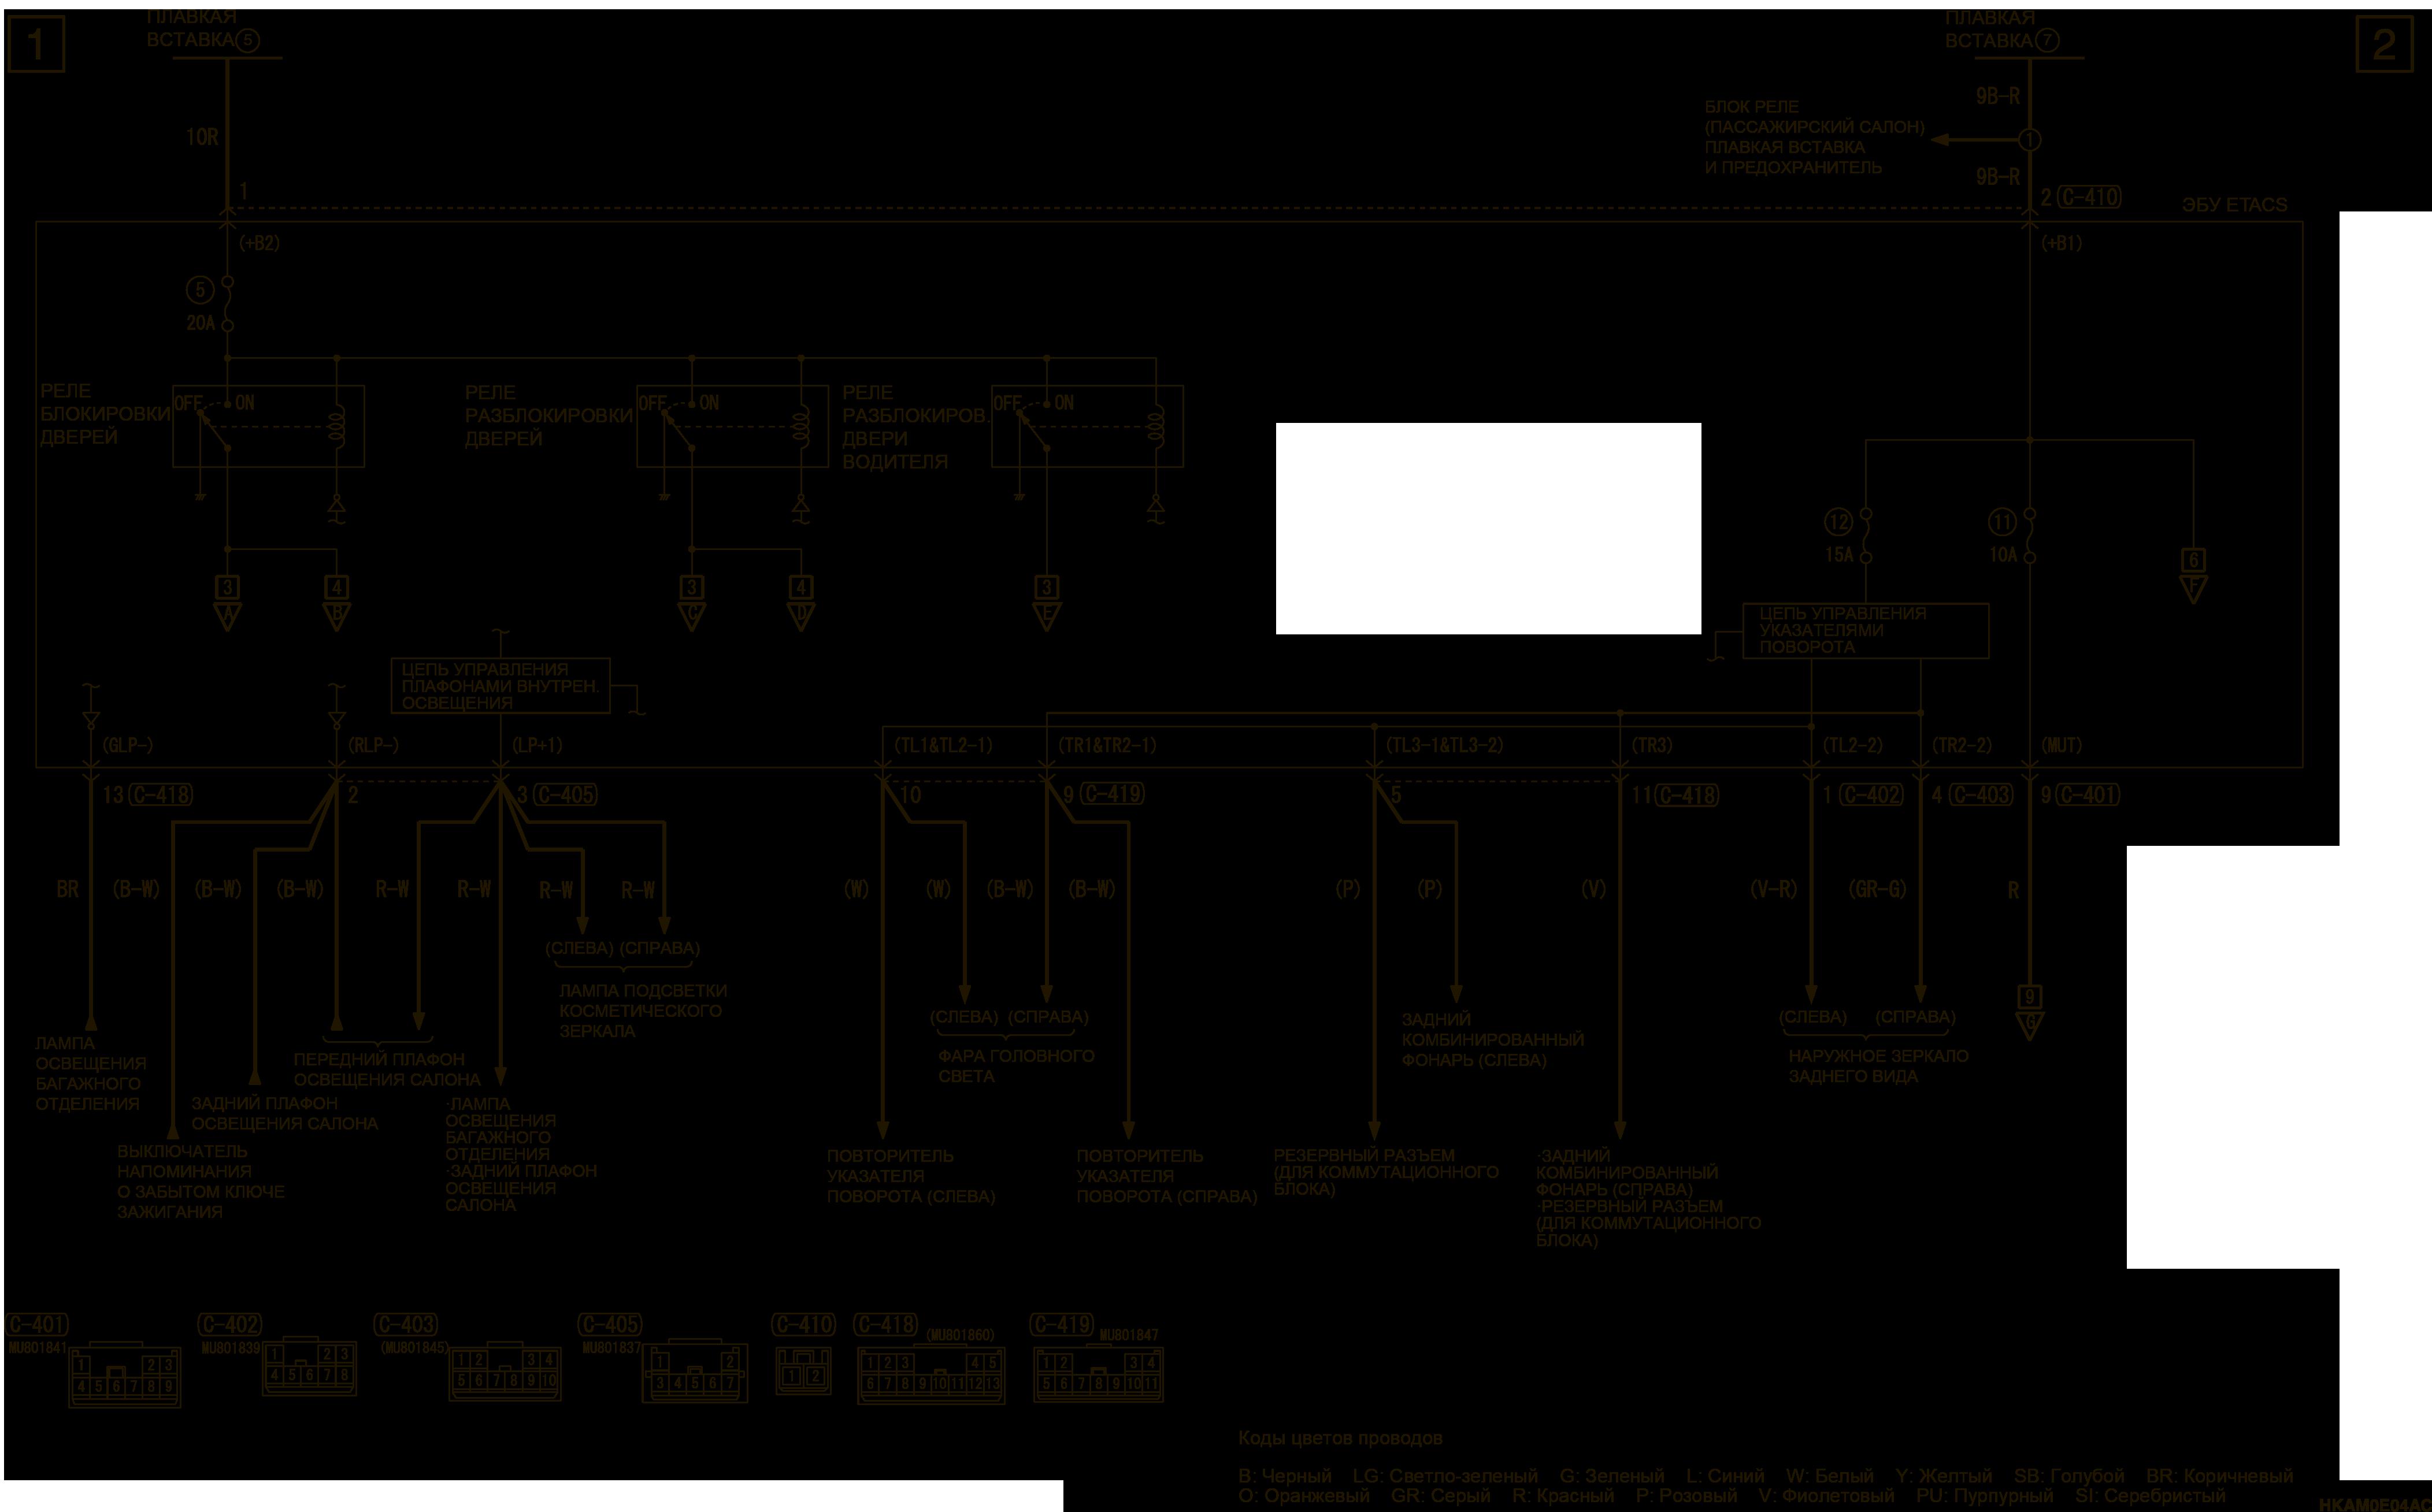 mmc аутлендер 3 2019 электросхемаСИСТЕМА ЦЕНТРАЛЬНОЙ БЛОКИРОВКИ ЗАМКОВ ДВЕРЕЙ АВТОМОБИЛИ С СИСТЕМОЙ KOS ЛЕВАЯ СТОРОНА